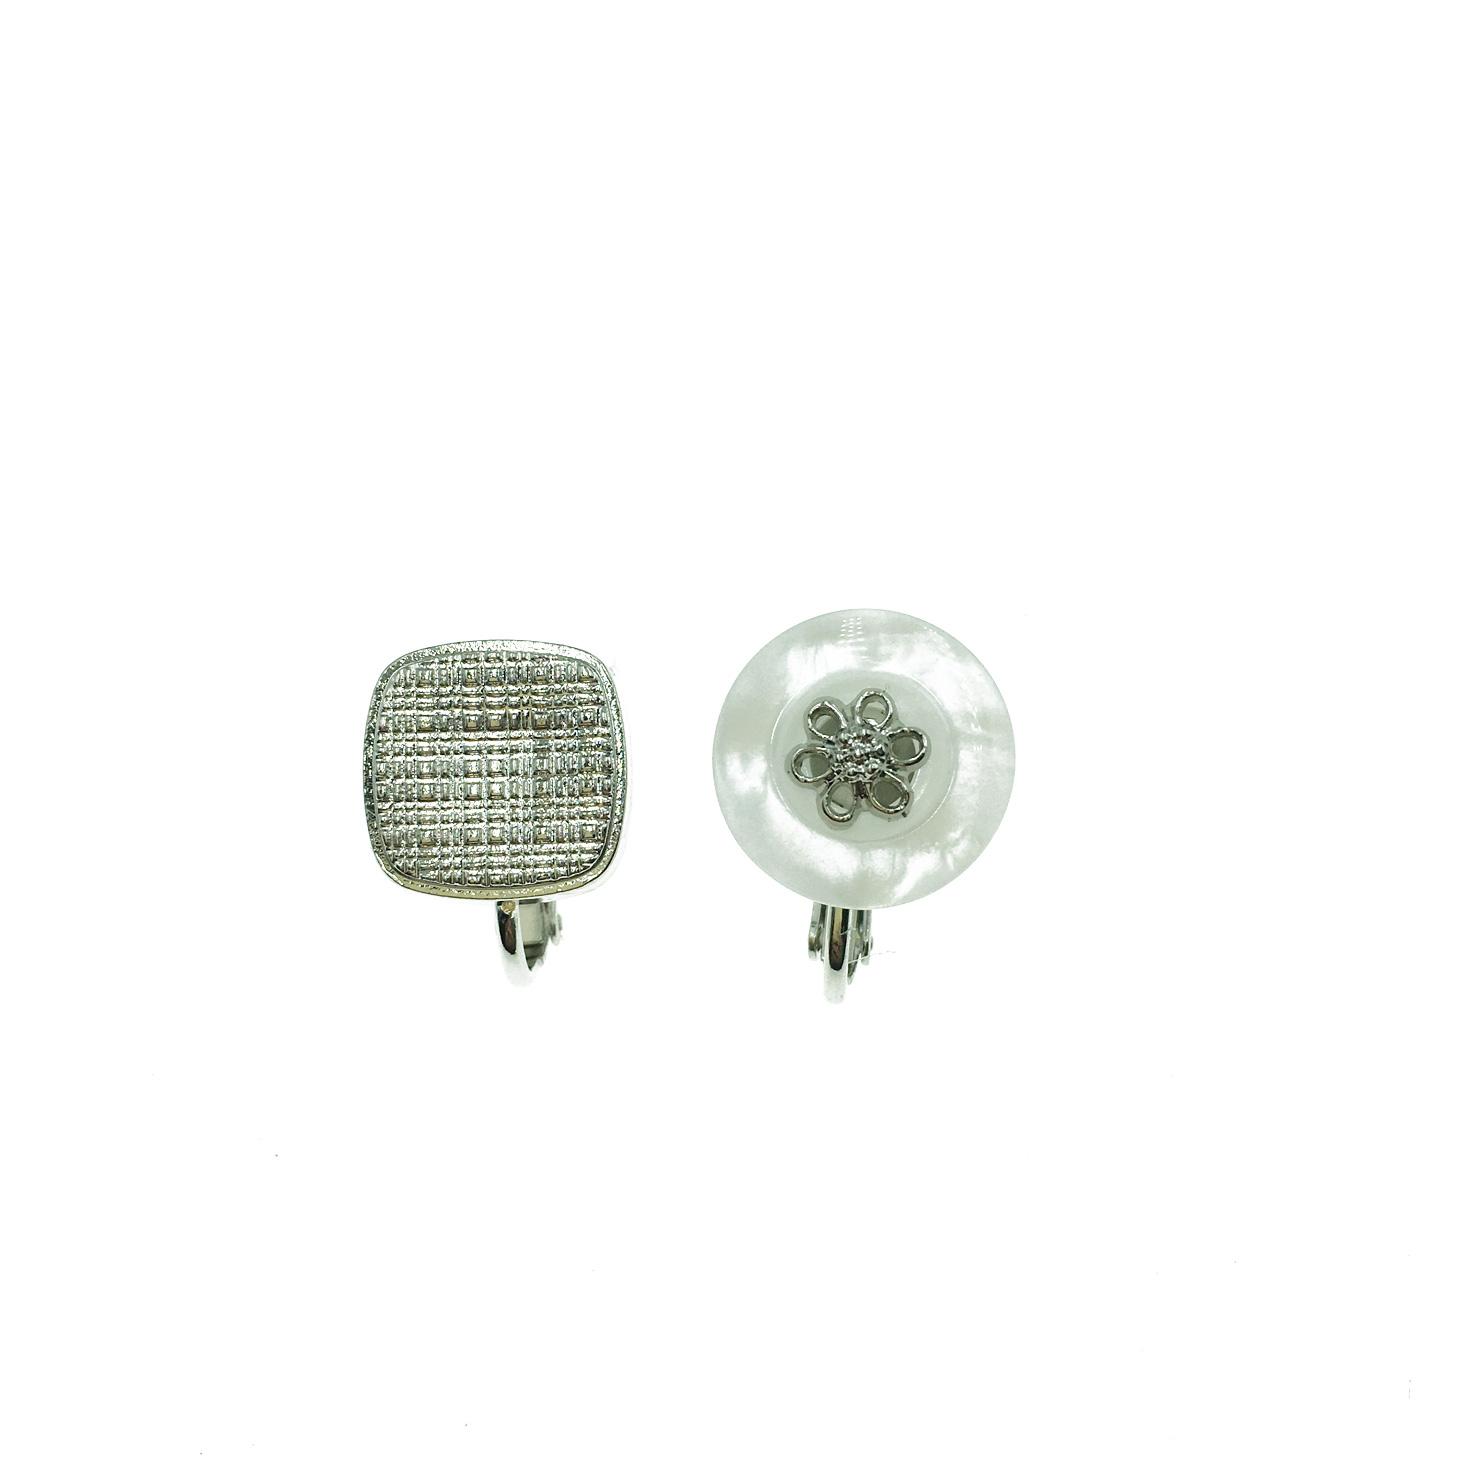 韓國 方形 花朵 鈕扣 不對稱 銀色 貴婦 夾式耳環